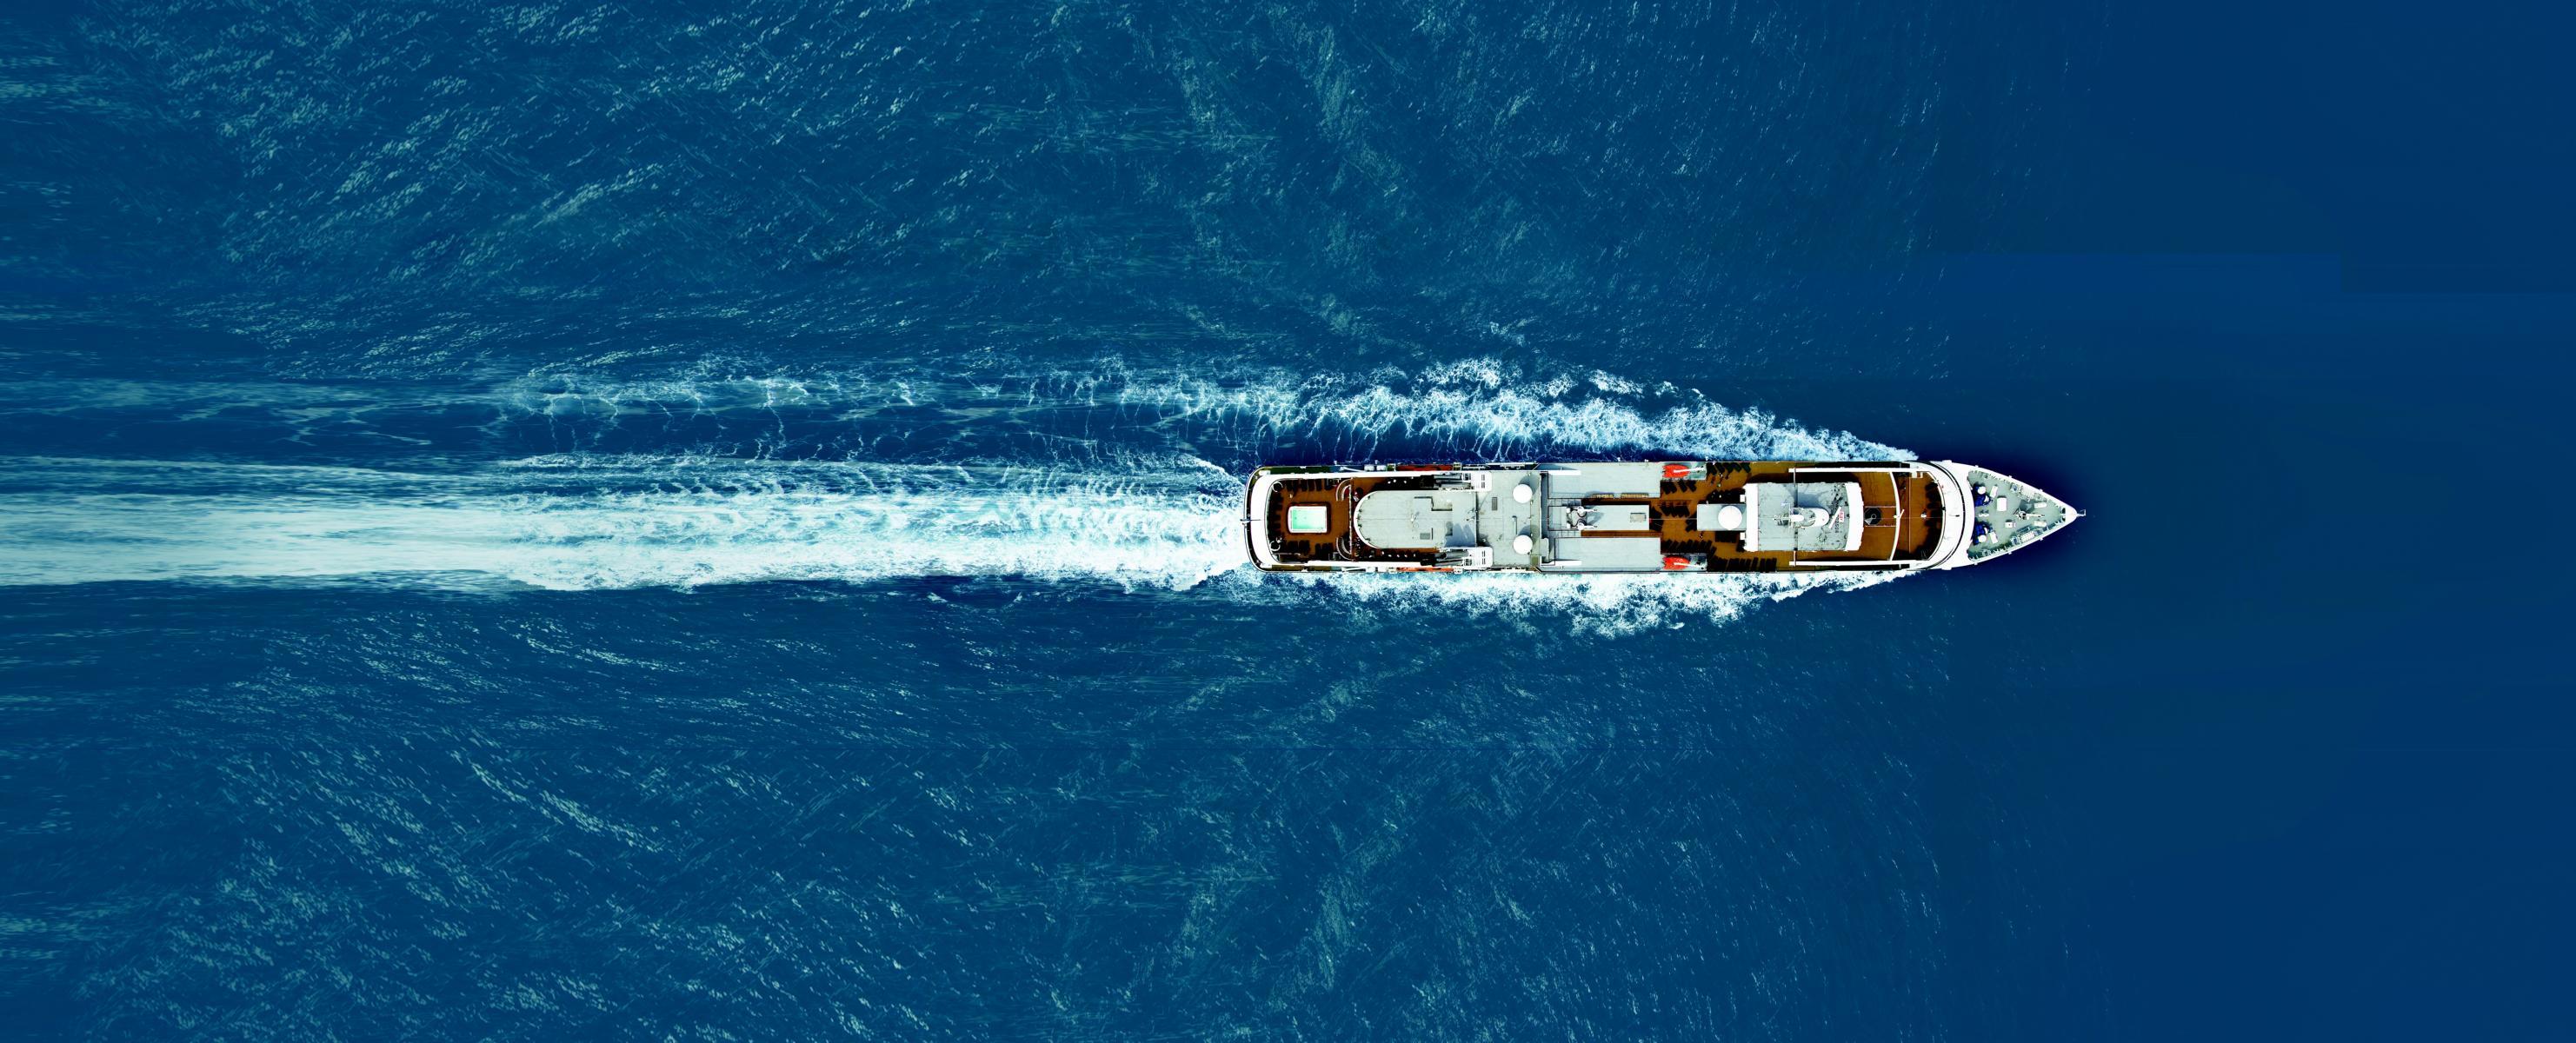 Ponant L\'Austral auf offener See von oben